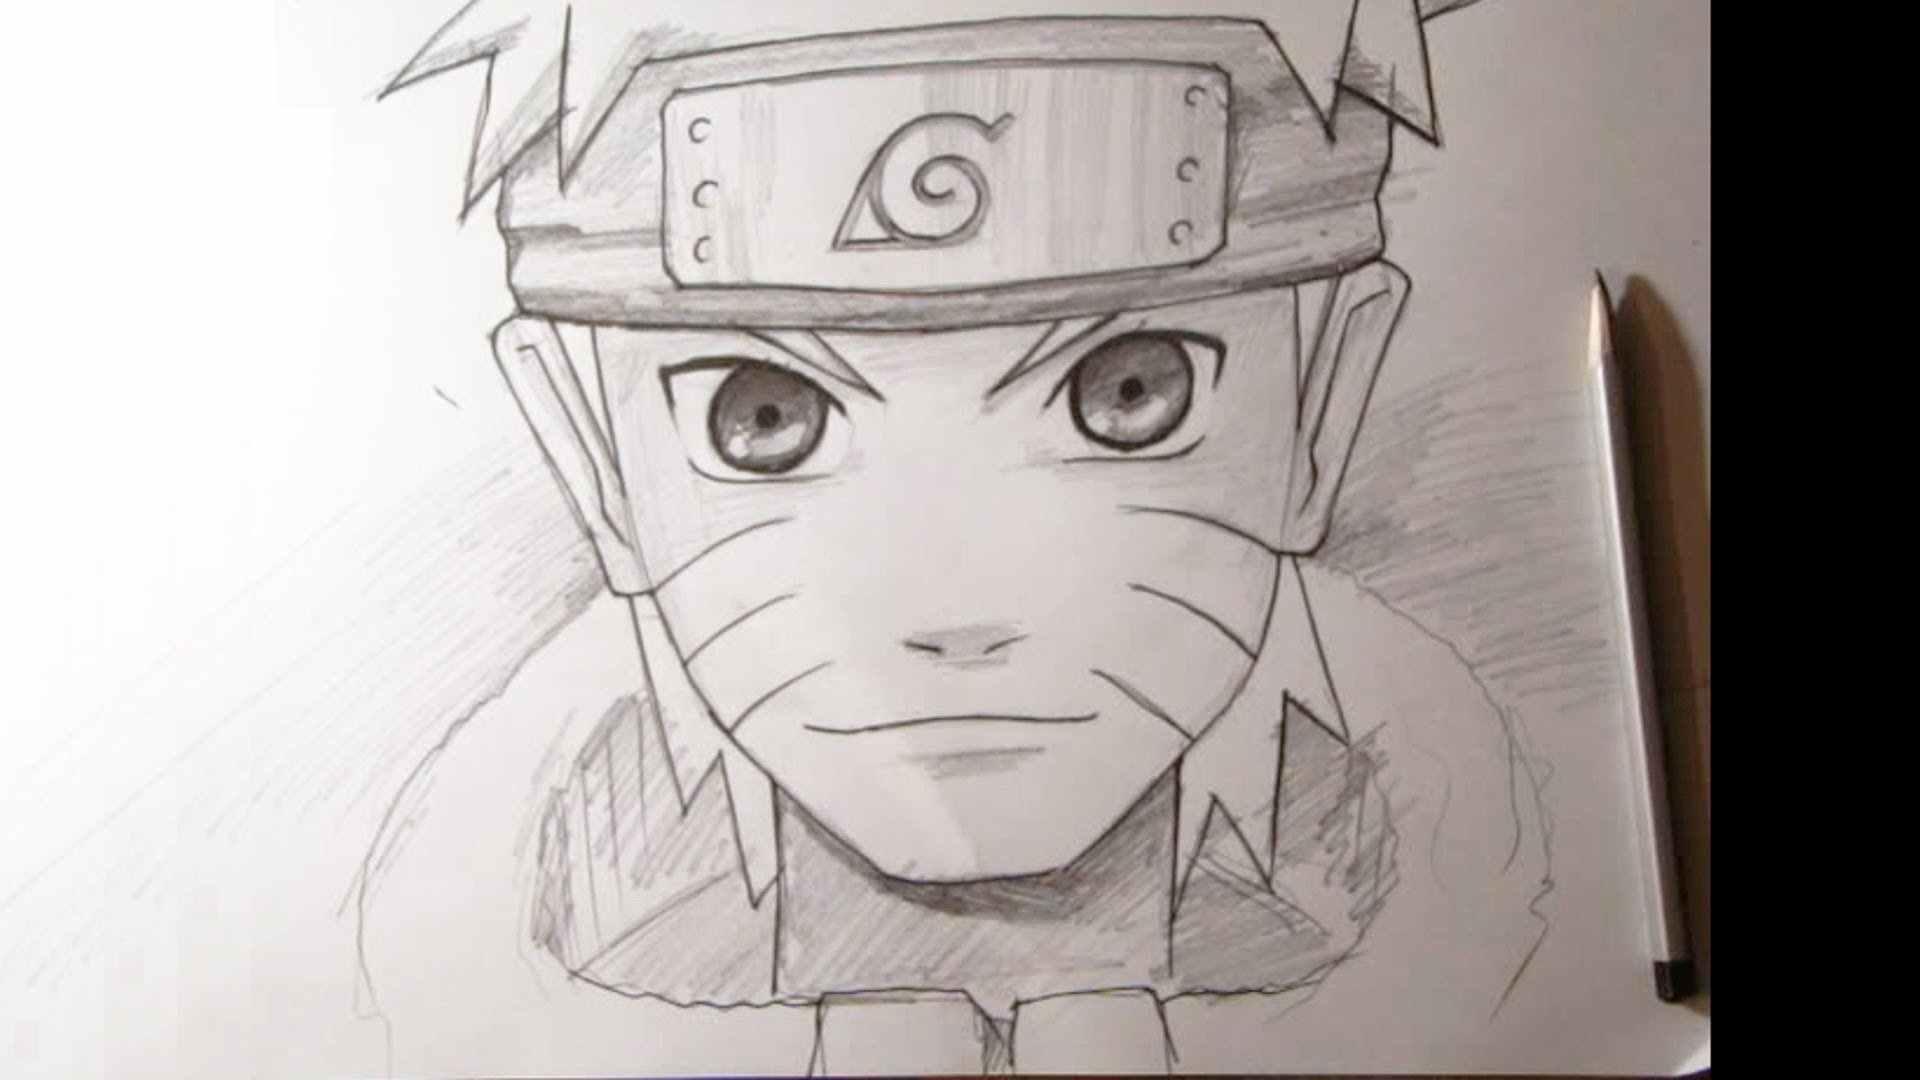 Легкие картинки для срисовки в стиле аниме 02